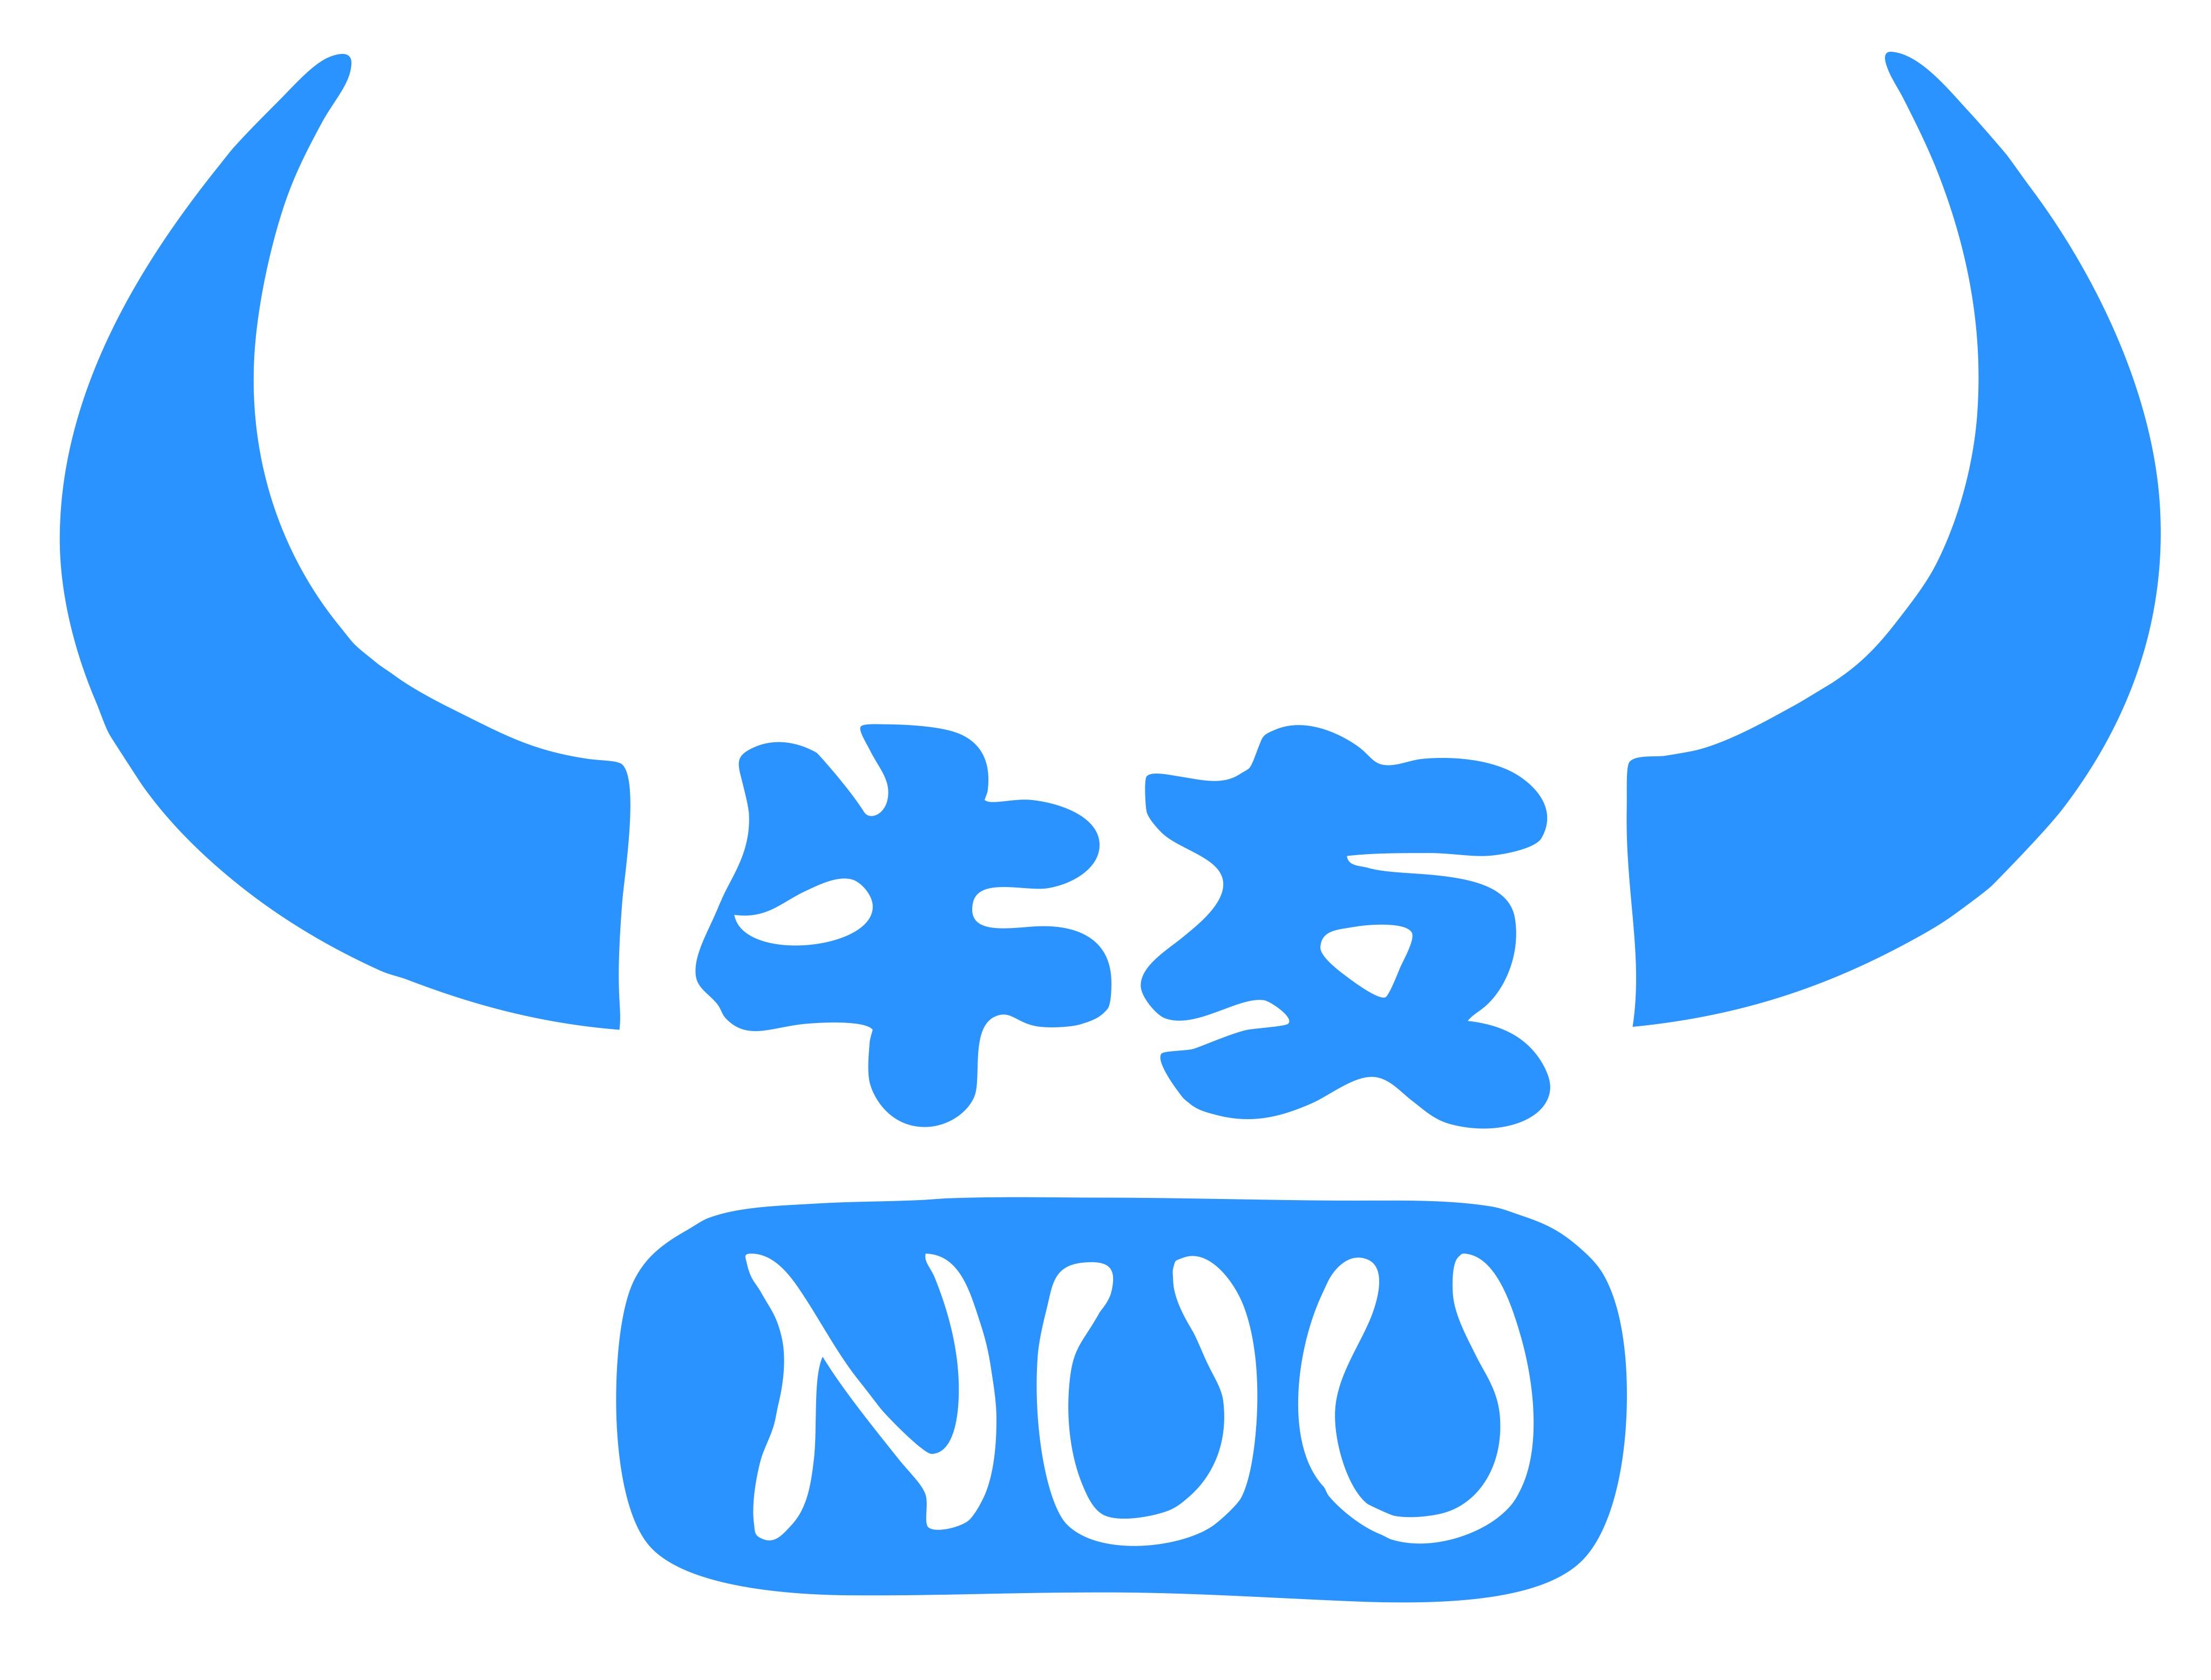 南京牛友信息技术有限公司